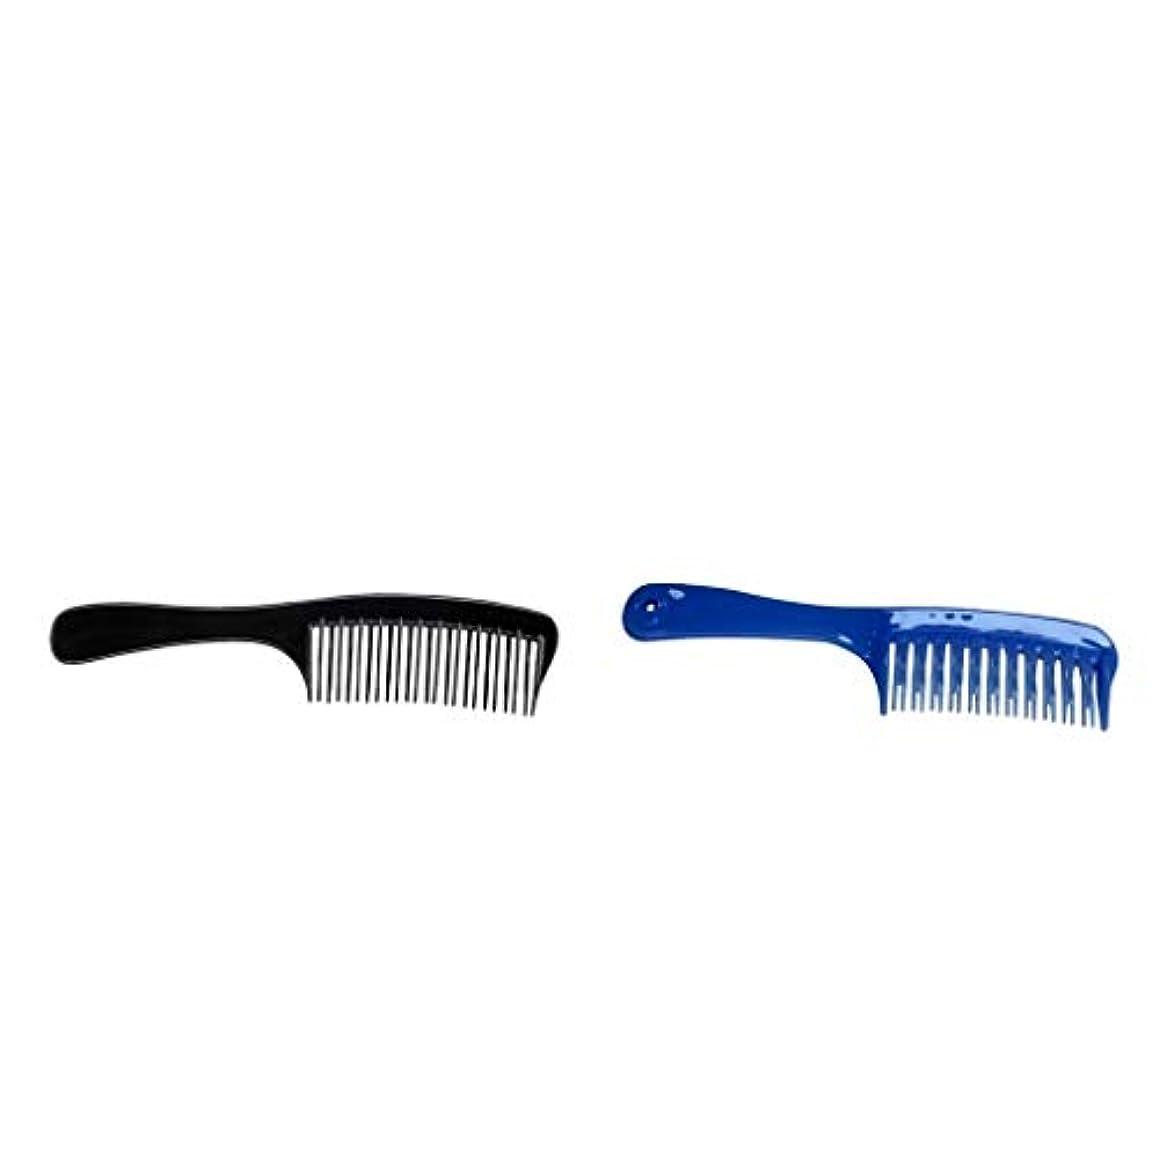 広々としたピアース無駄にくし コーム 櫛 オックスホーンくし 頭皮マッサージ櫛 プラスチック 細かい歯 血行促進 静電気防止